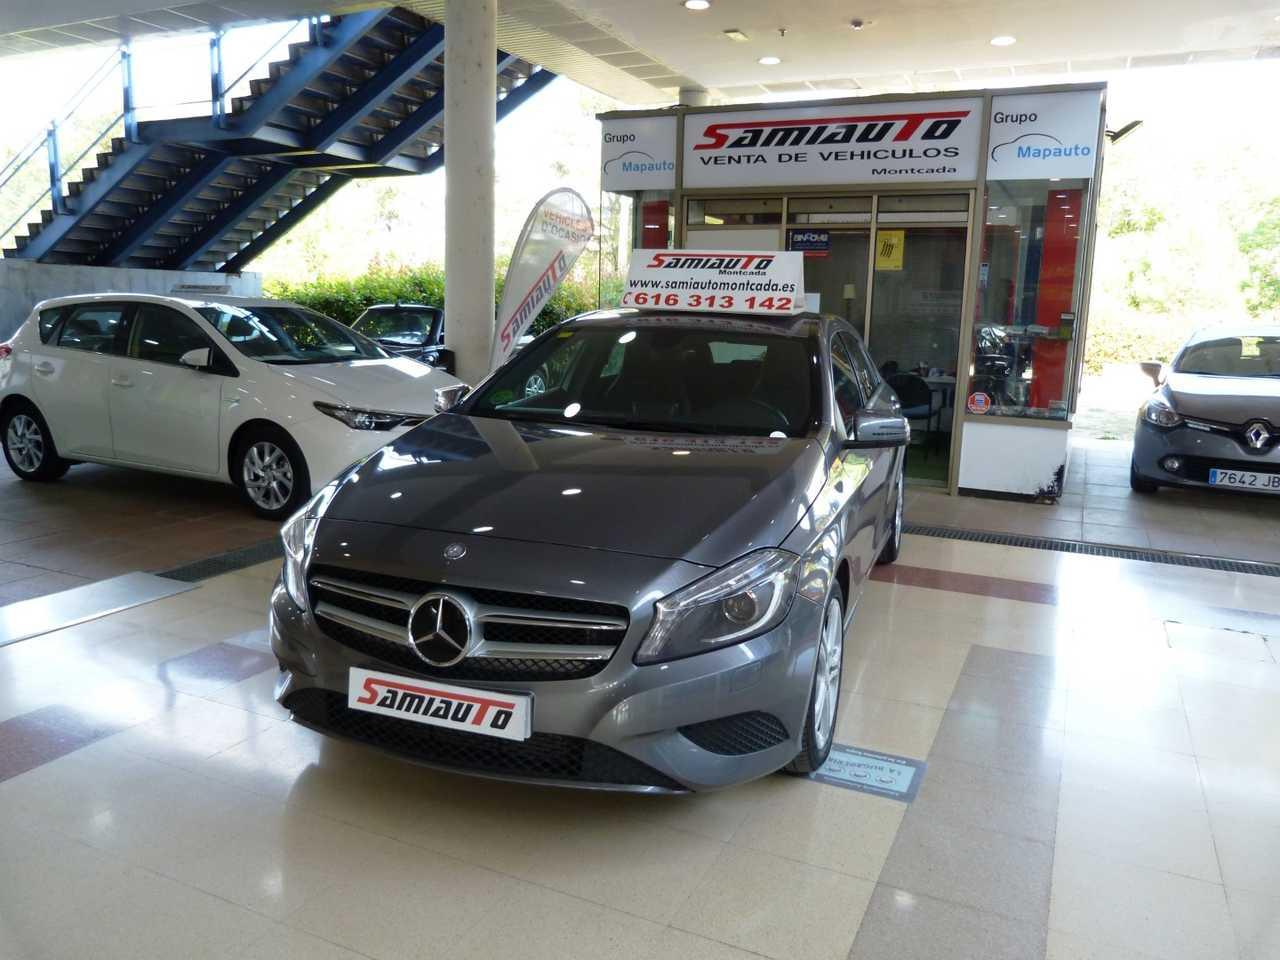 Mercedes Clase A URBAN 7G DCT AUTOMATICO UN SOLO PROPIETARIO LIBRO DE REVISIONES  - Foto 1